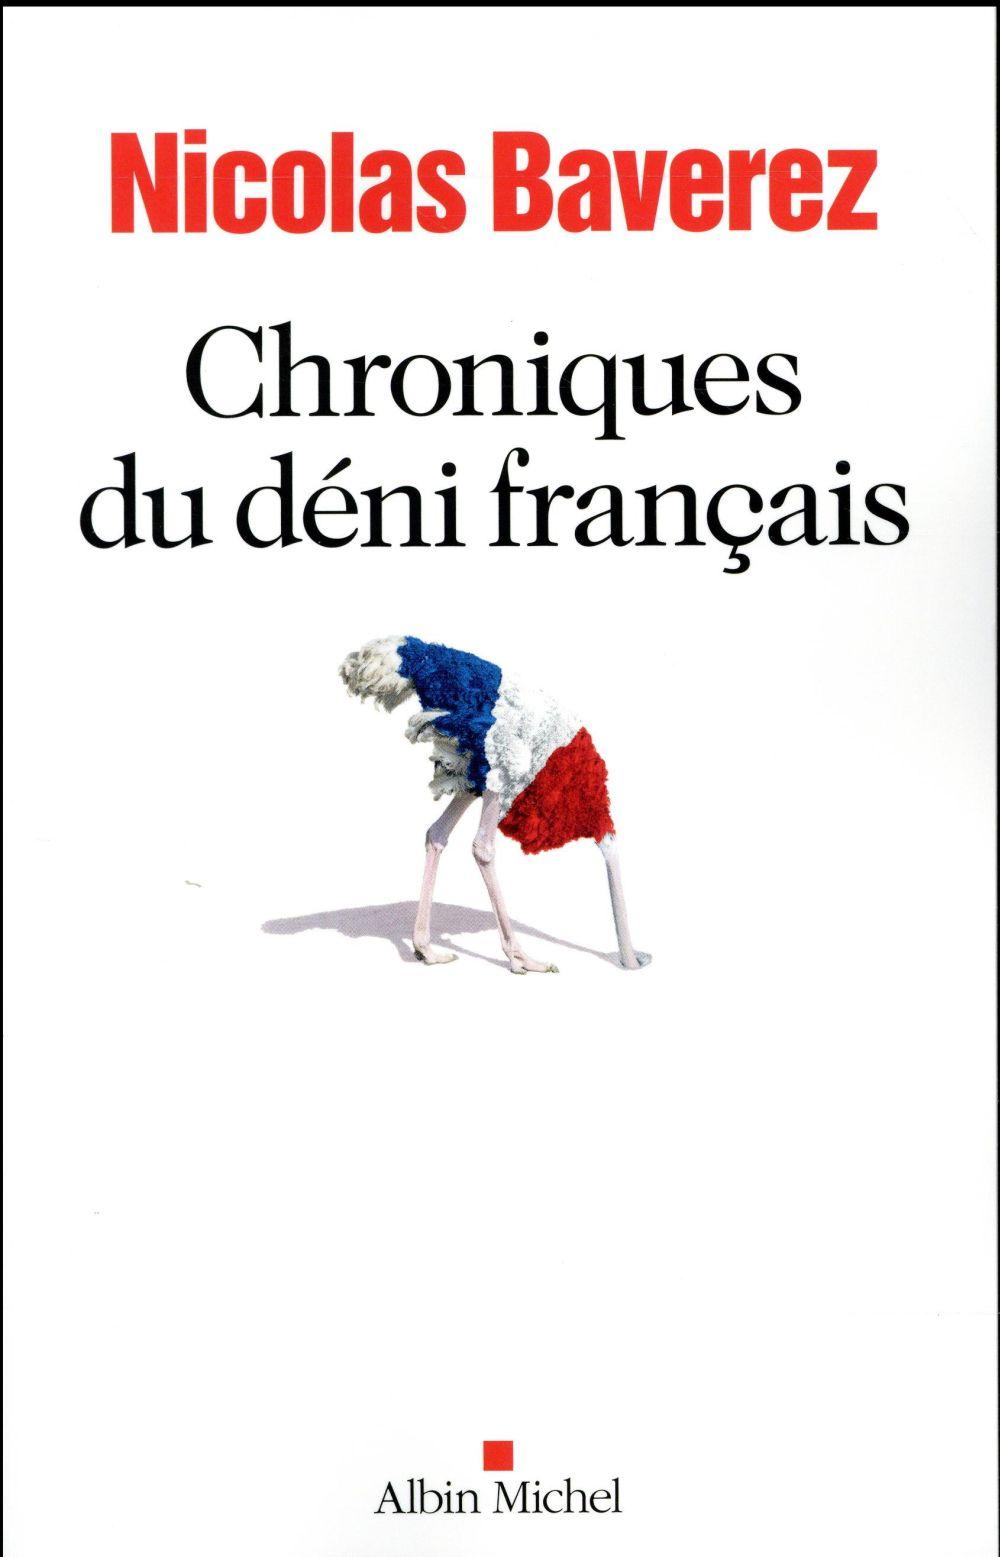 CHRONIQUES DU DENI FRANCAIS